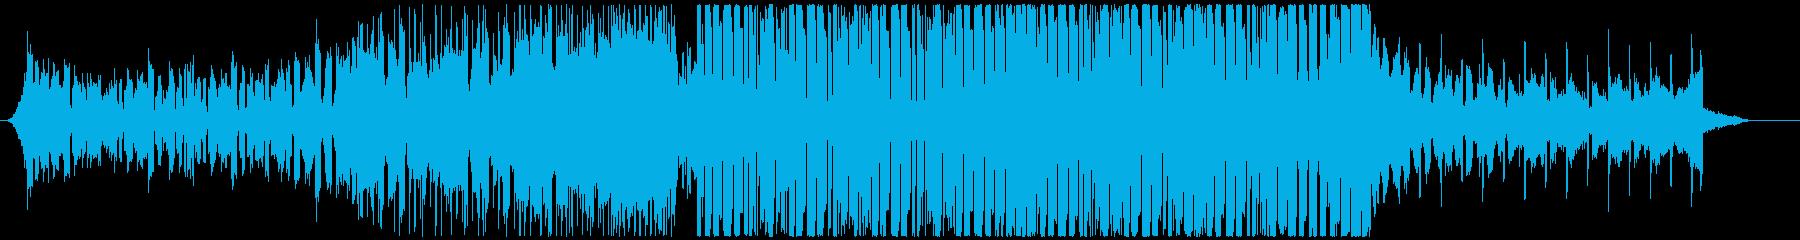 スタイリッシュな8Bitエレクトロハウスの再生済みの波形